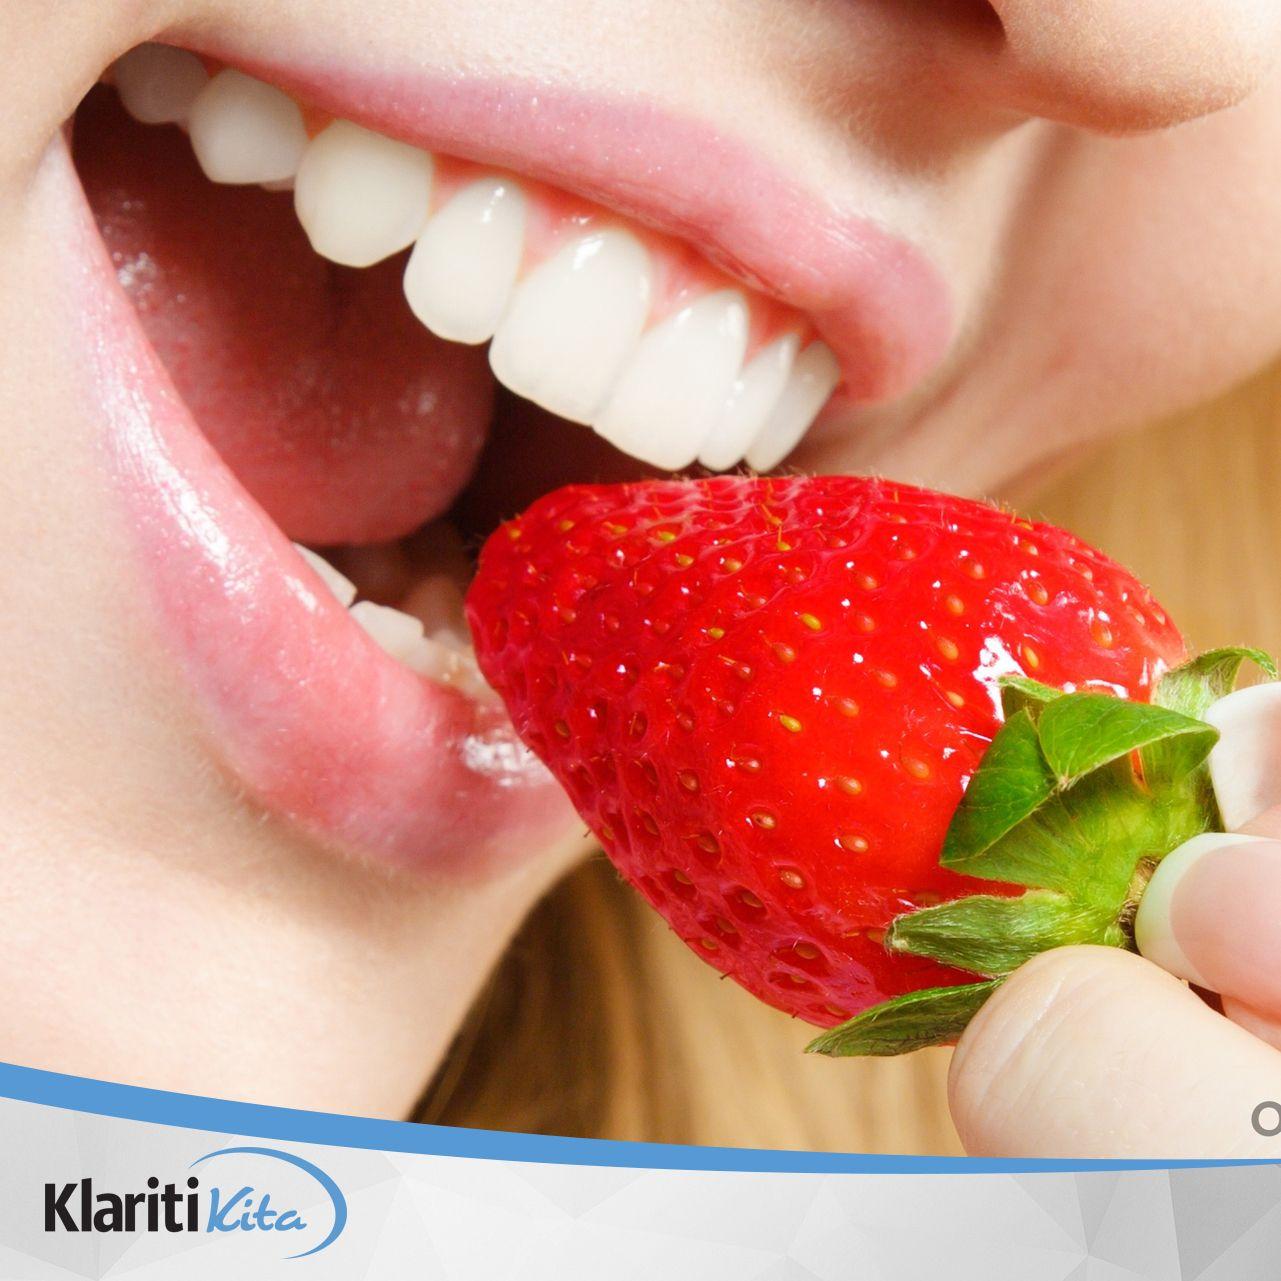 Strawberry Si Merah Yang Memiliki Rasa Asam Manis Ini Ternyata Bisa